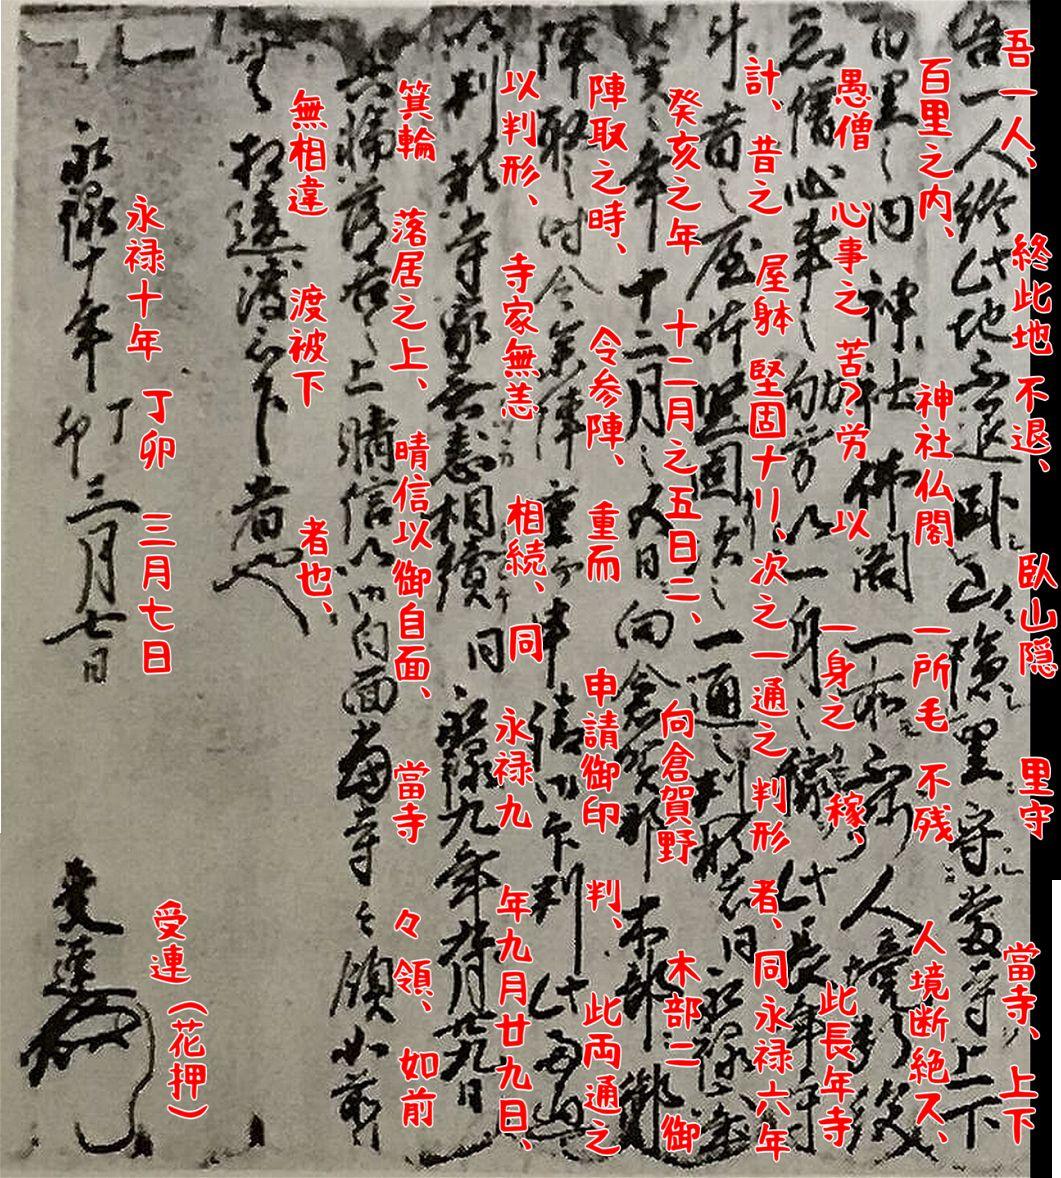 永禄十年三月七日付け受連覚書(b+釈文)